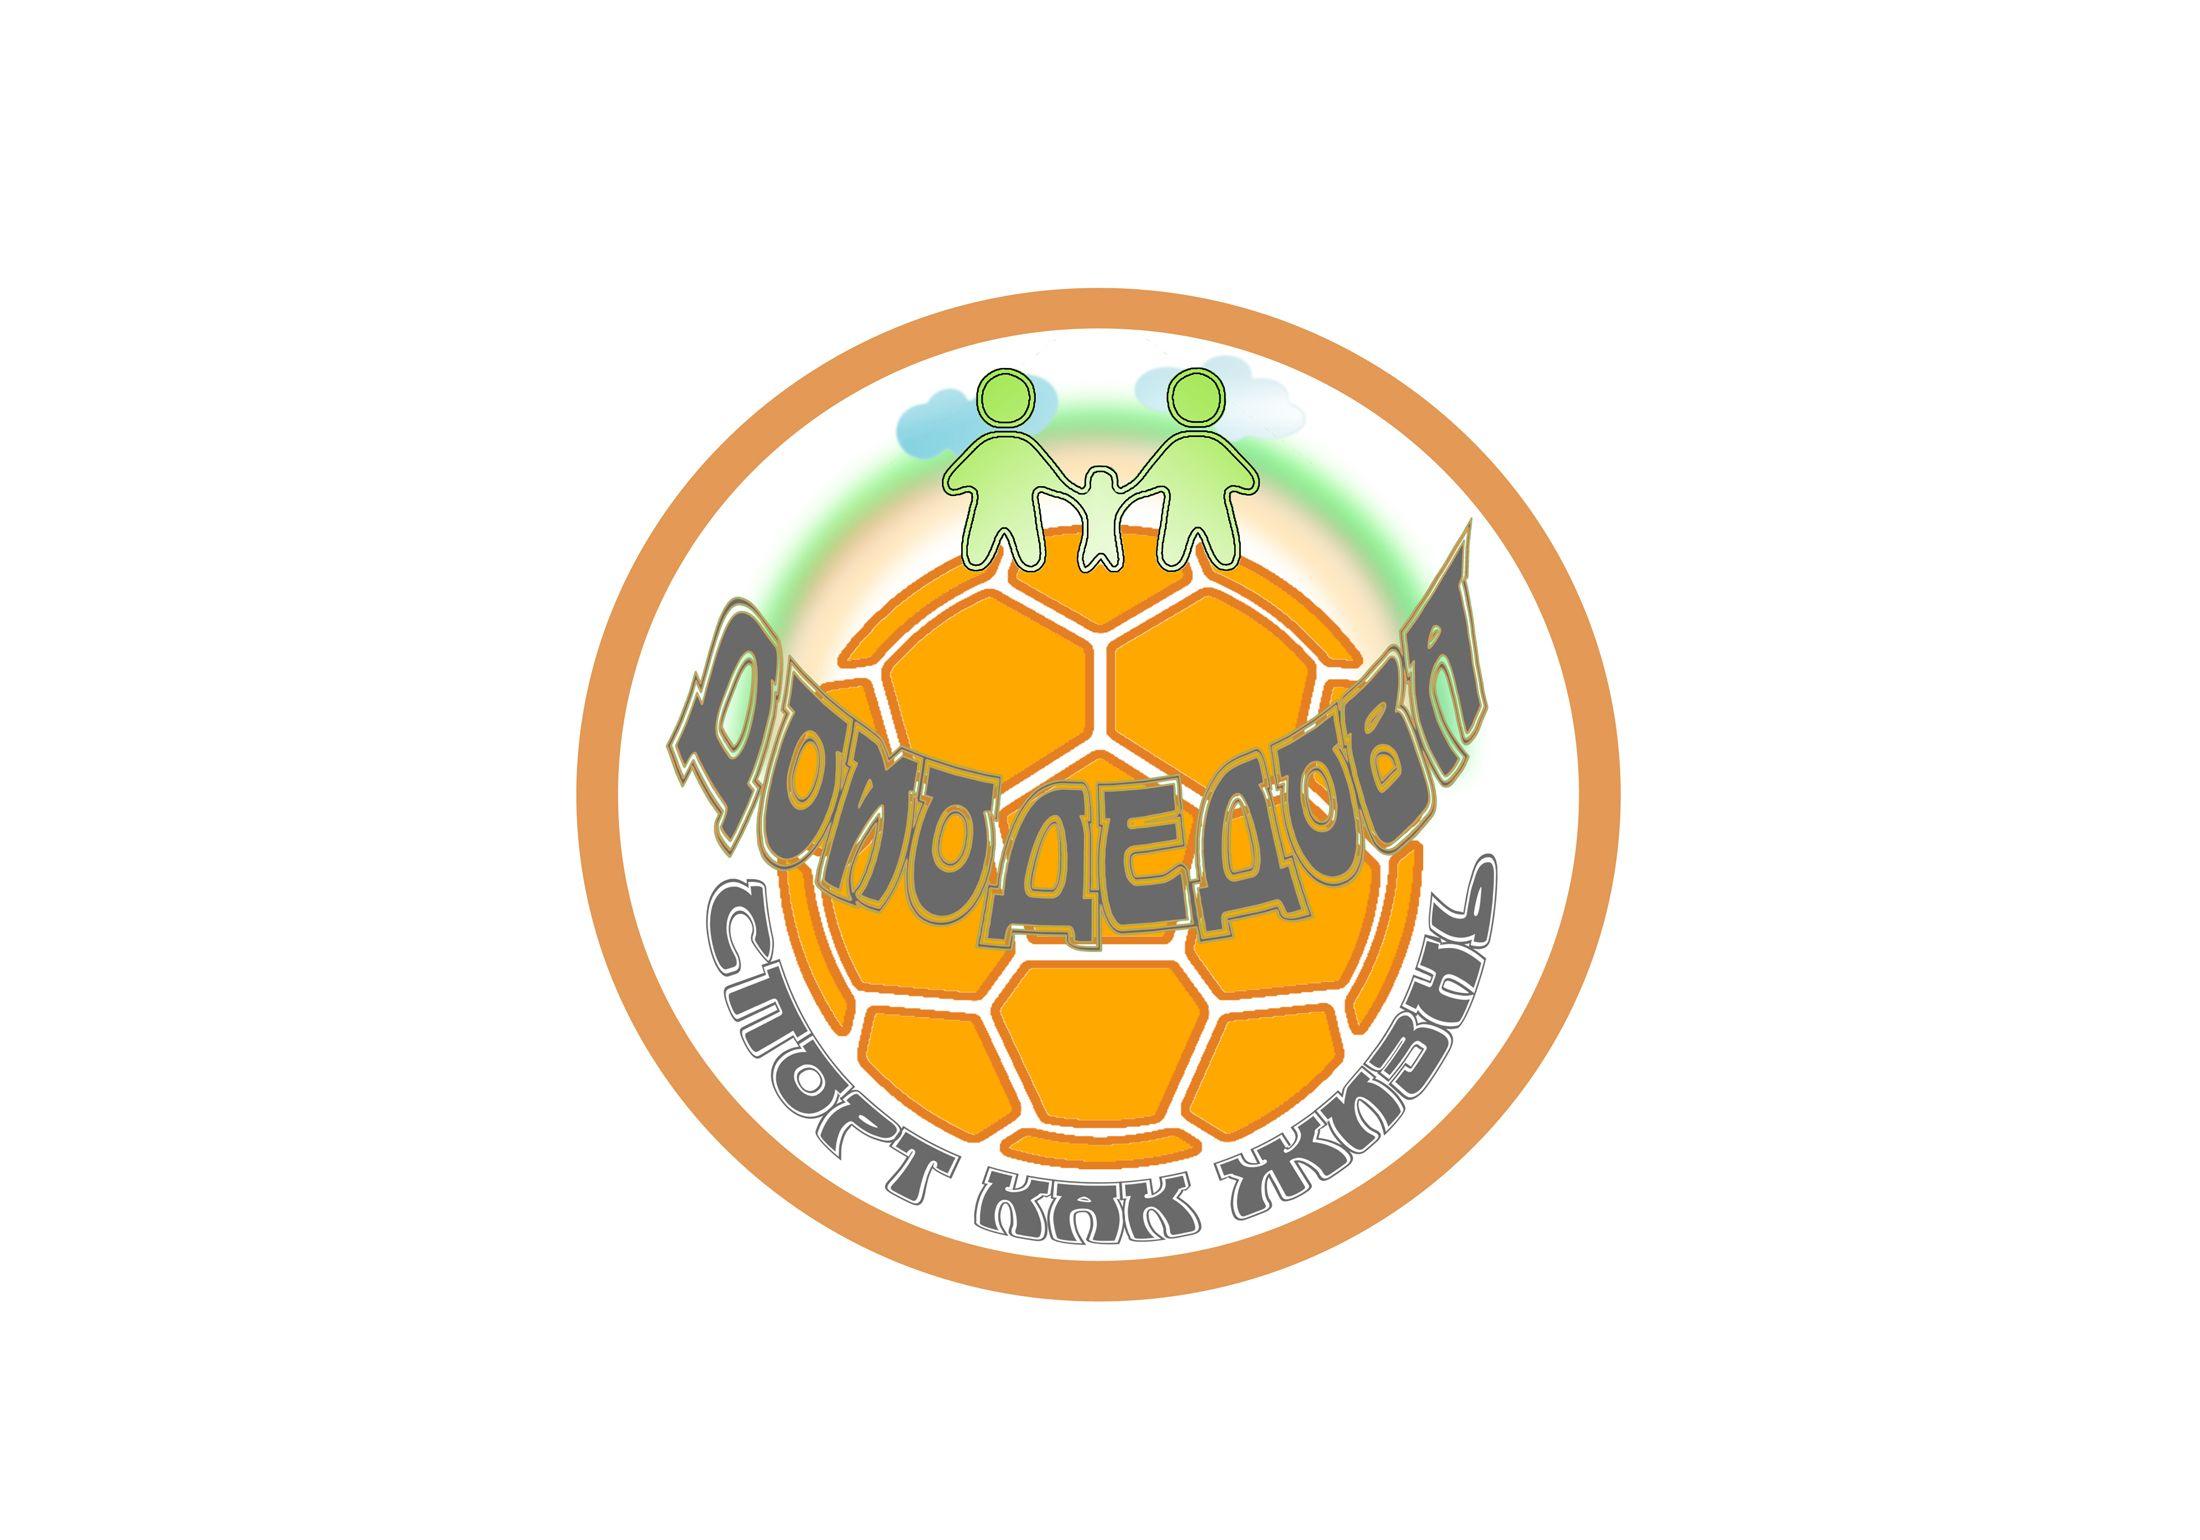 Логотип (Эмблема) для нового Футбольного клуба - дизайнер Vizor0112